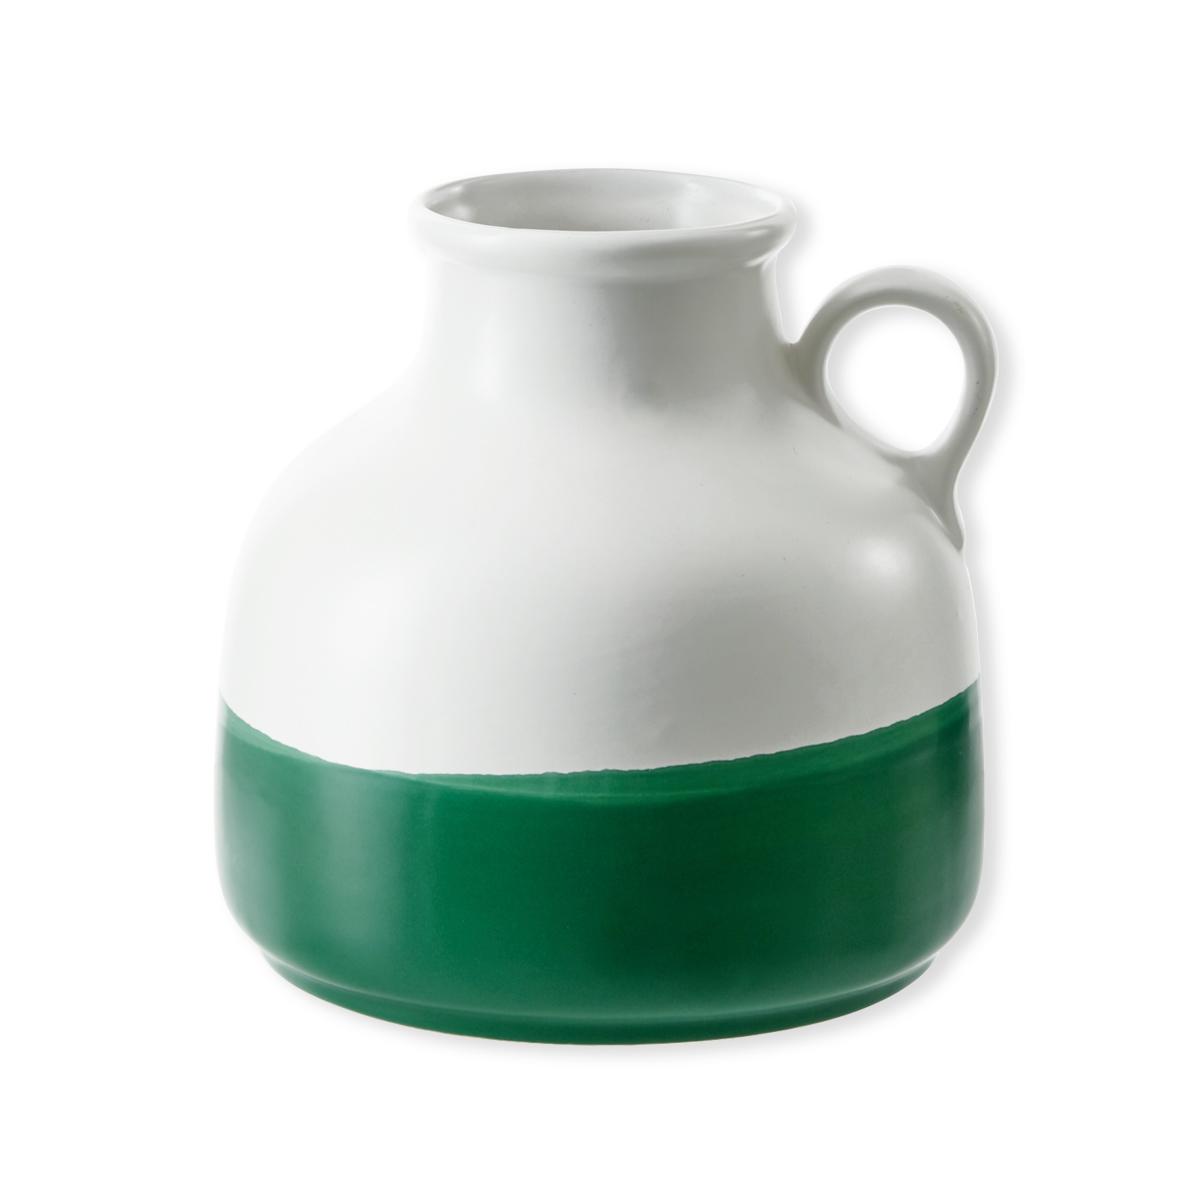 vase vert en c ramique et fa ence color e objet deco bruno evrard. Black Bedroom Furniture Sets. Home Design Ideas